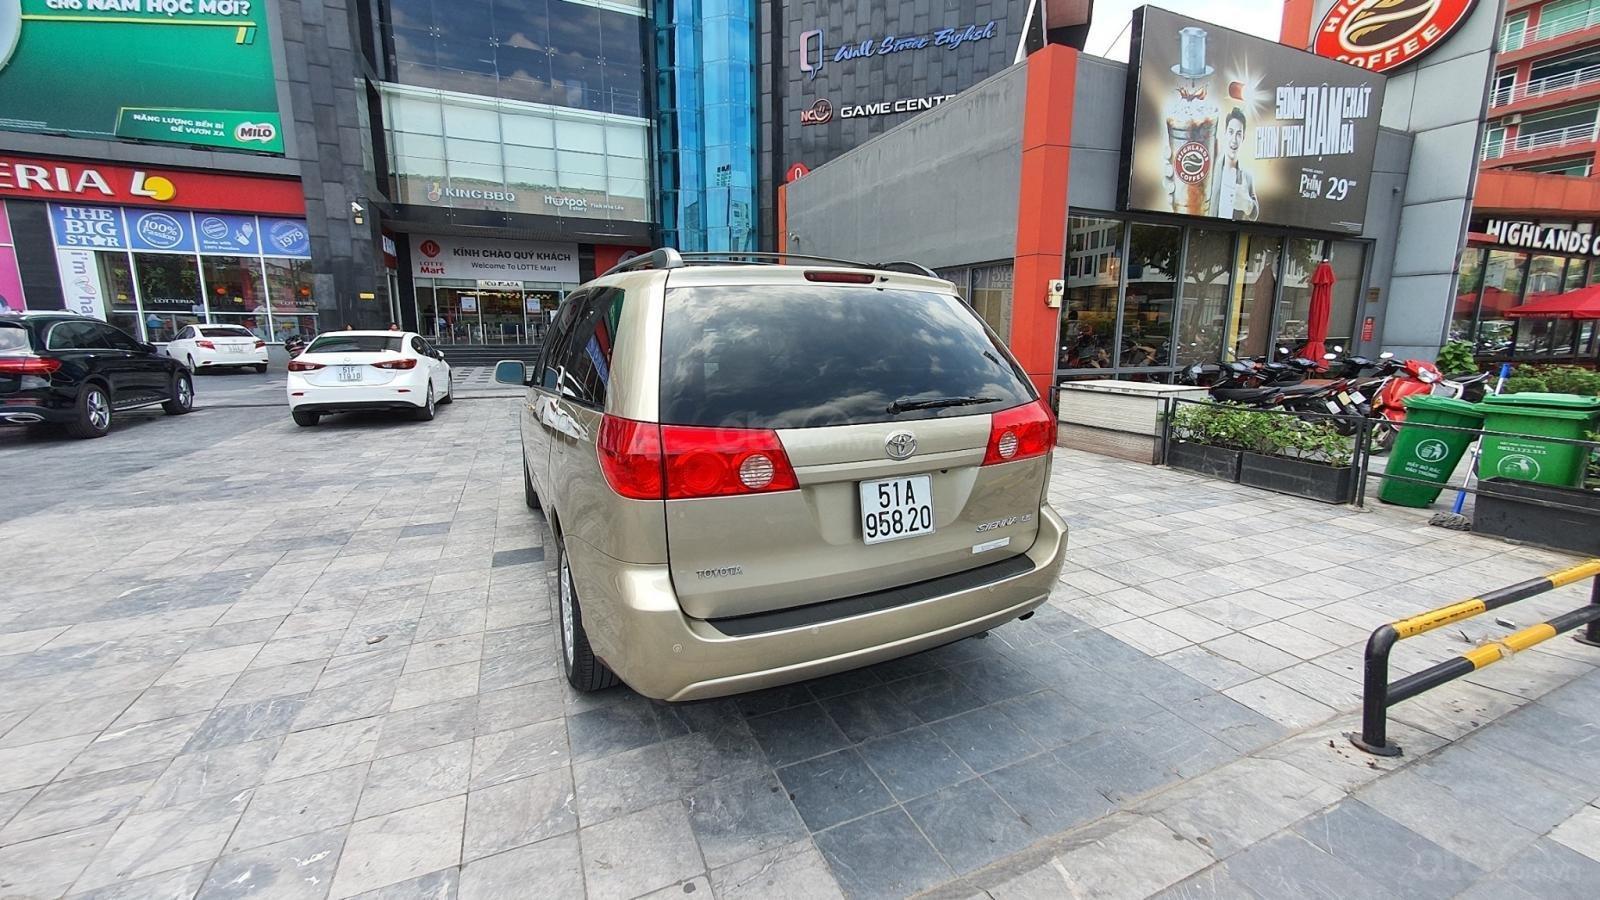 Cần bán xe Toyota Sienna LE 3.5 sản xuất 2008 màu vàng, nhập khẩu (15)